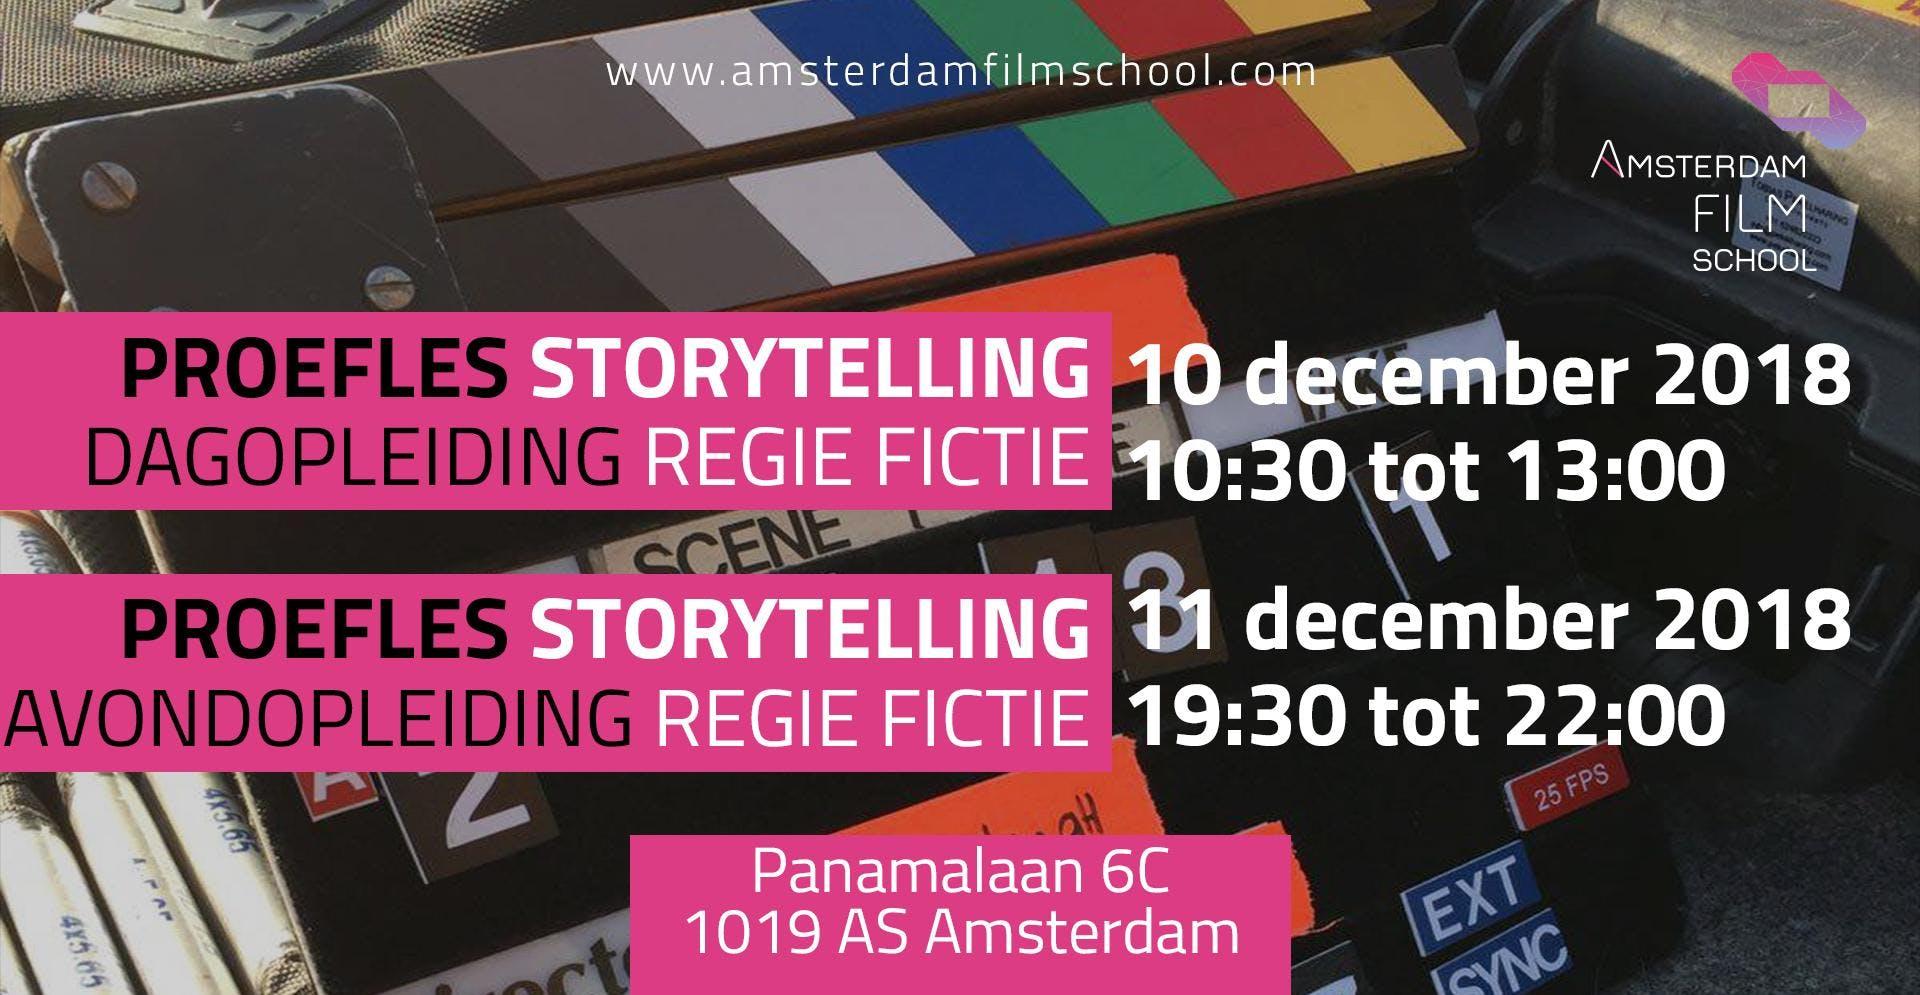 Proefles Storytelling - Regie Fictie